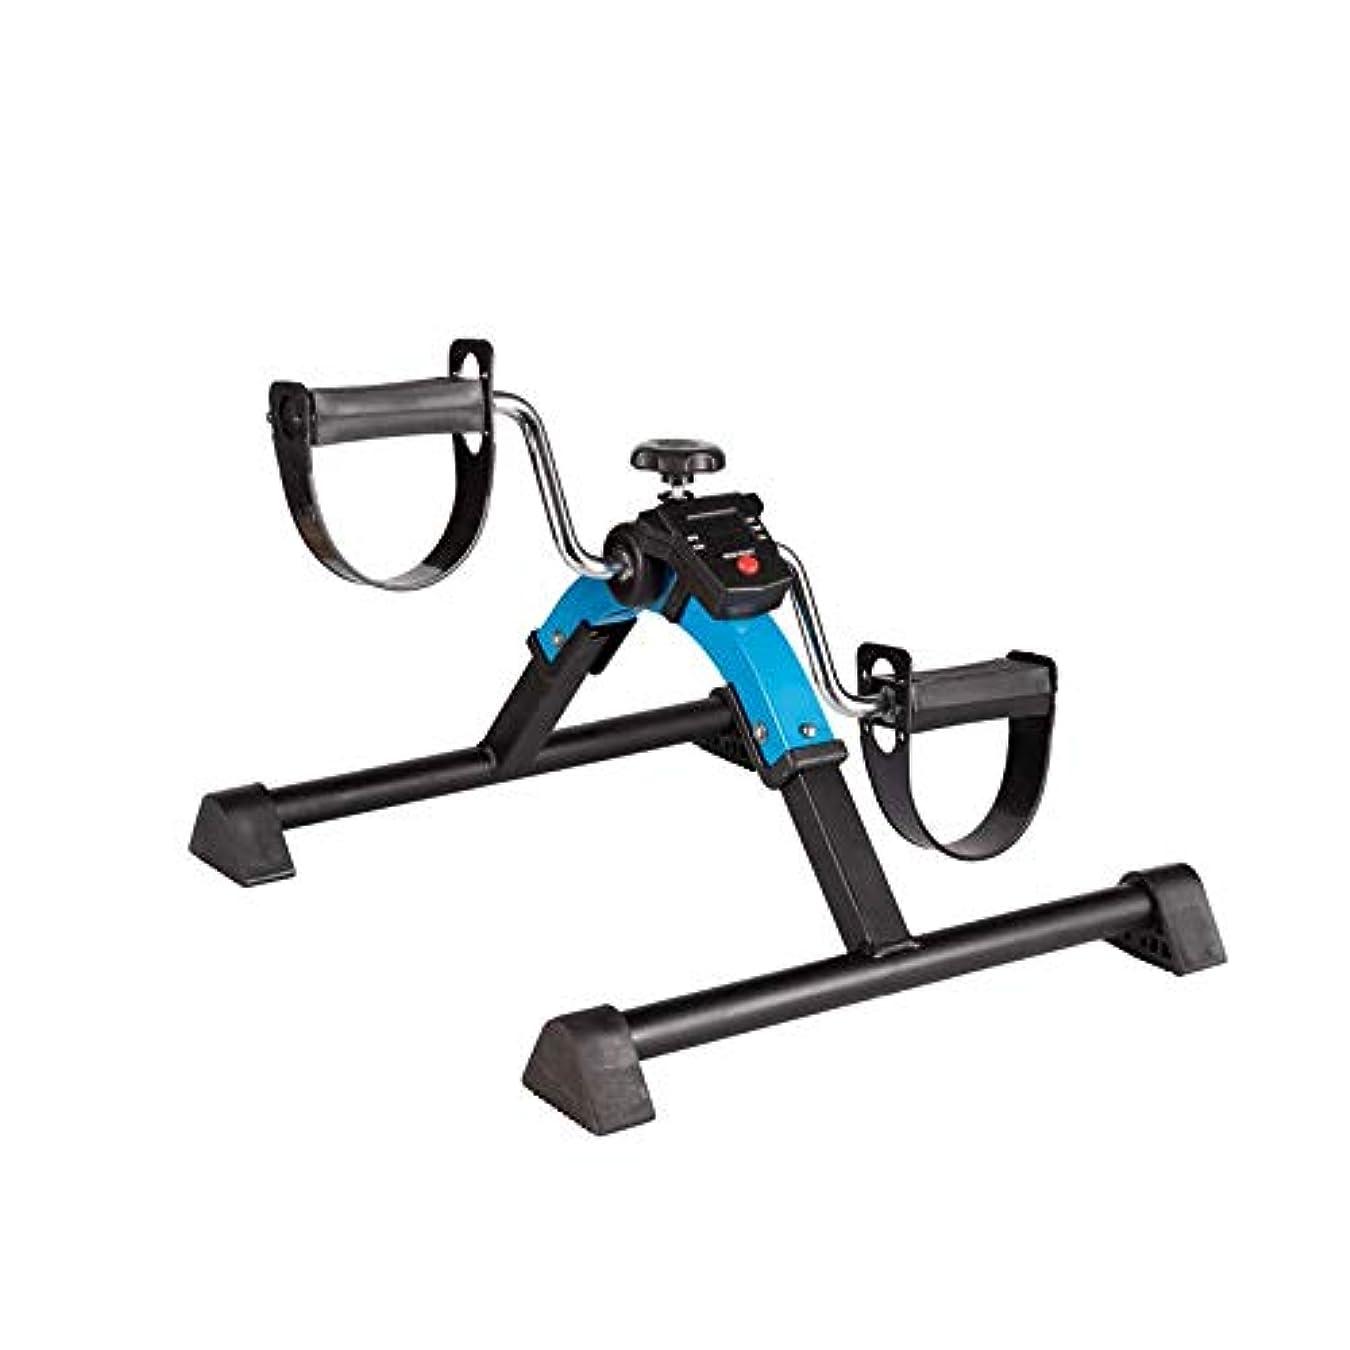 値するバンカー地球上肢および下肢エクササイズペダル、レッグマシン、リハビリトレーニング機器、脳卒中、片麻痺、手足、二重使用自転車